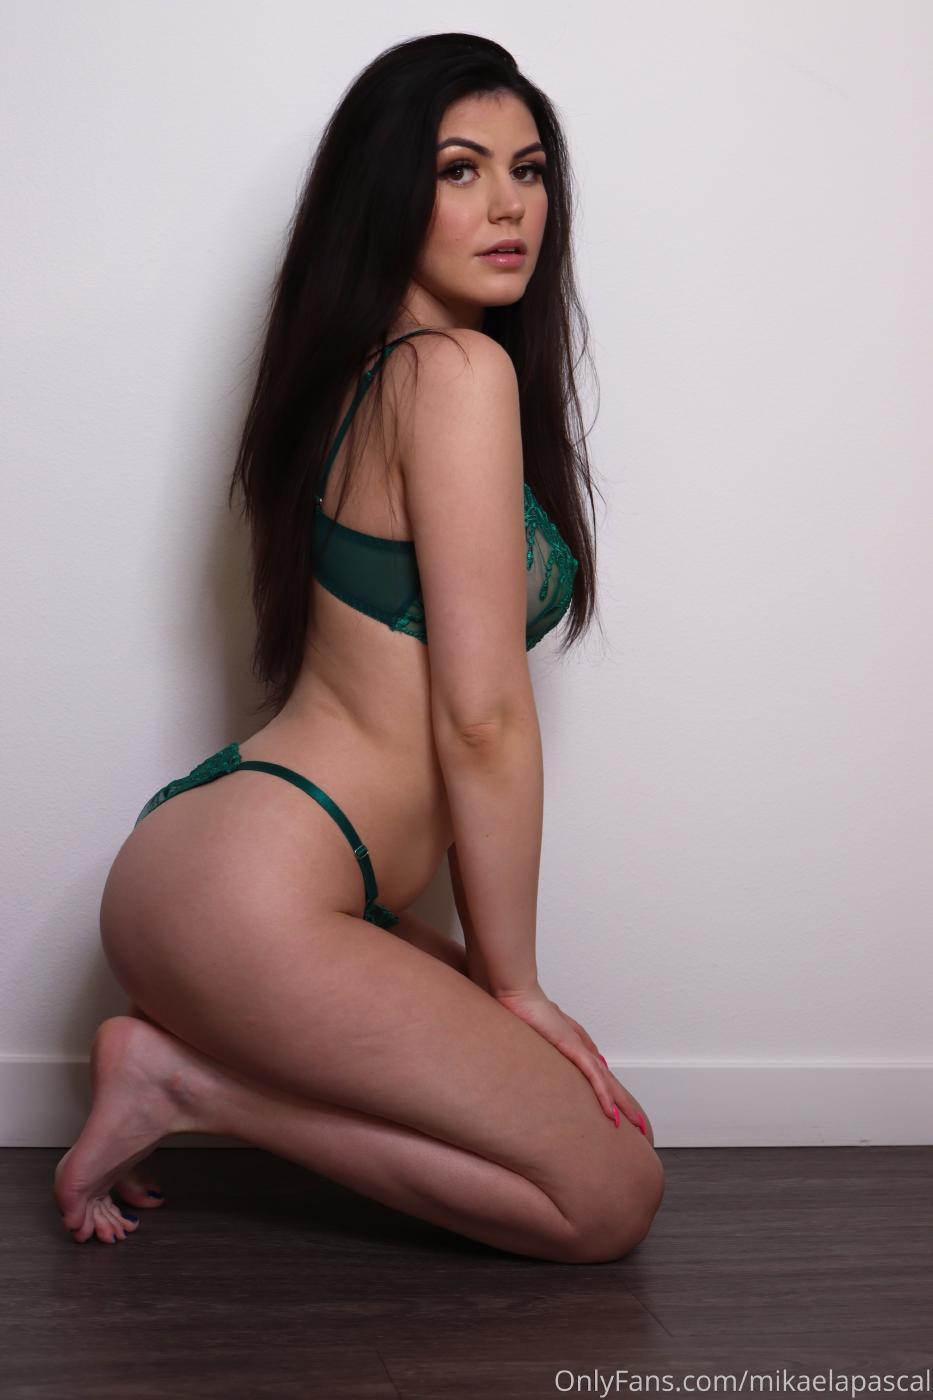 Mikaela Pascal Green Lingerie Onlyfans Set Leaked 0001